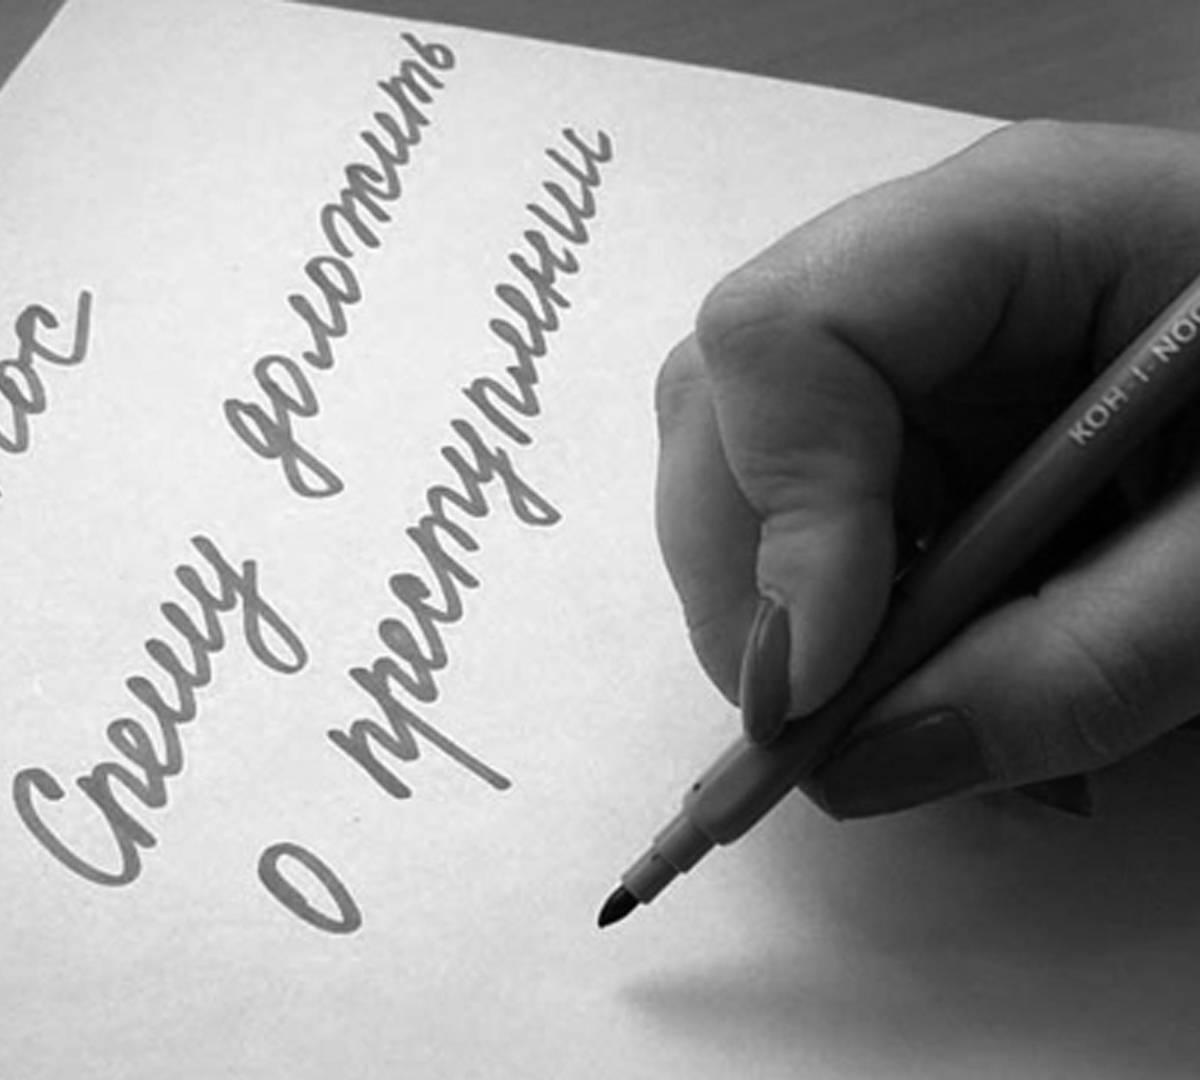 Чтобы привлечь внимание бывшего сожителя, жительница Тверской области донесла на него